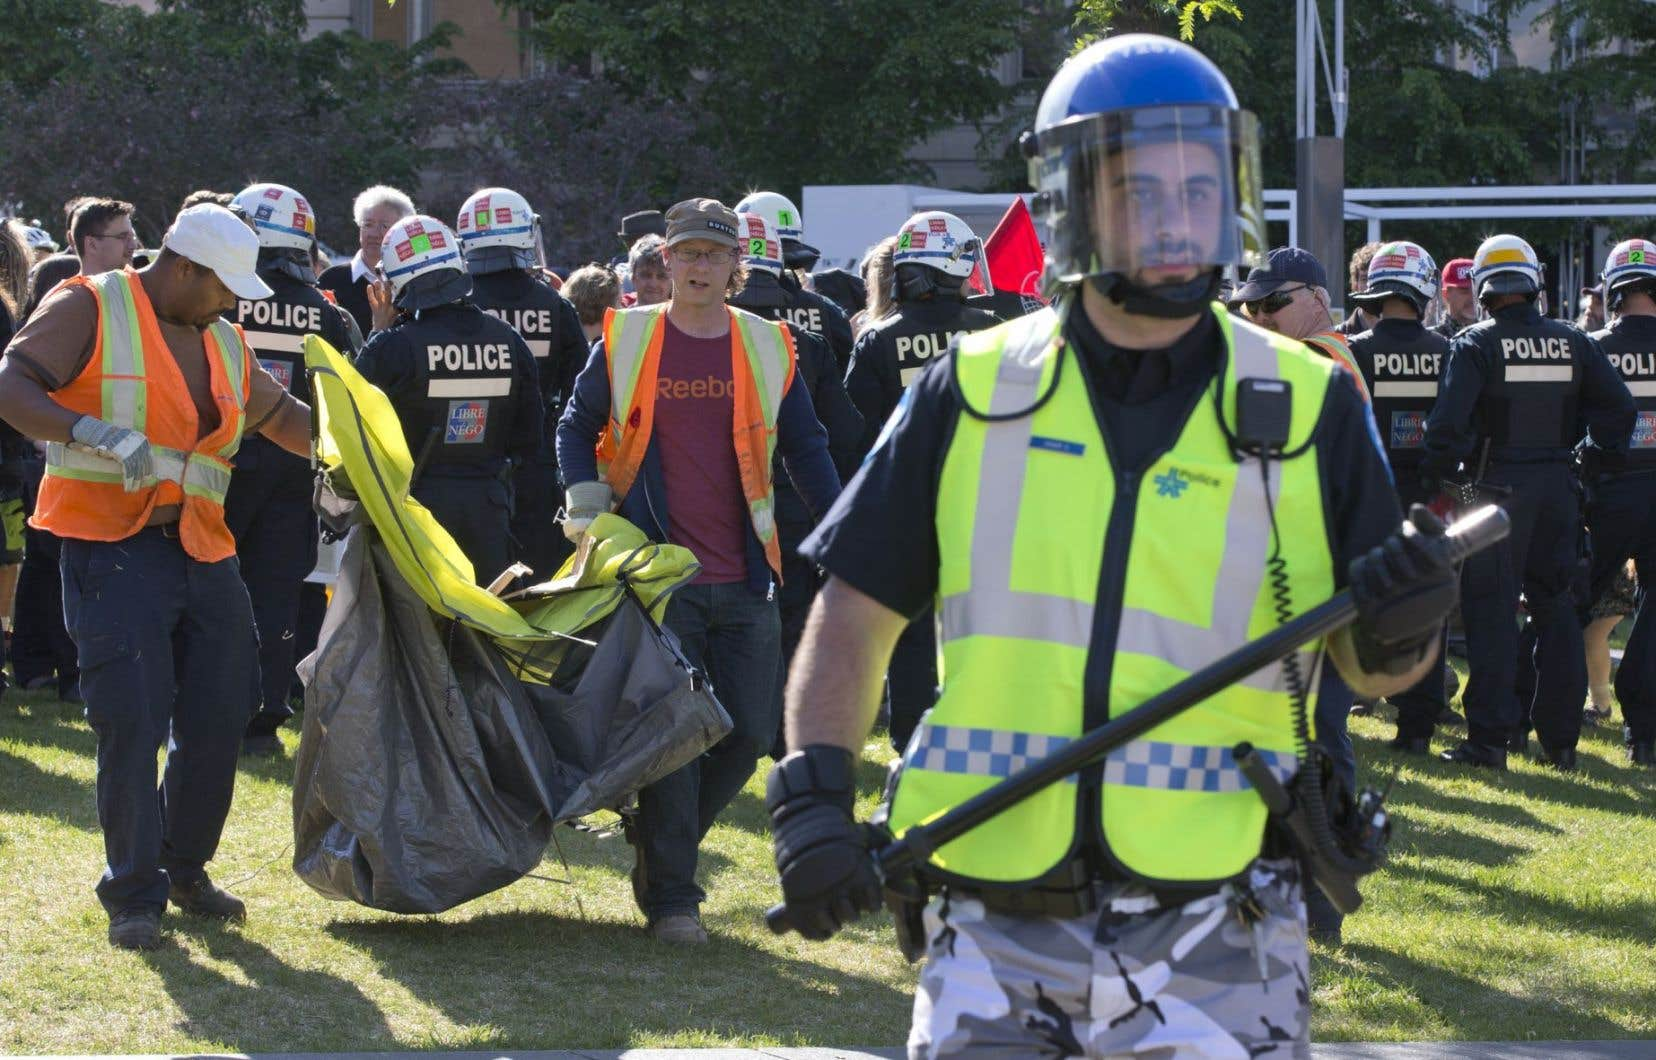 Les policiers avaient lancé un ultimatum peu après l'arrivée des campeurs, les enjoignant de retirer tout équipement.